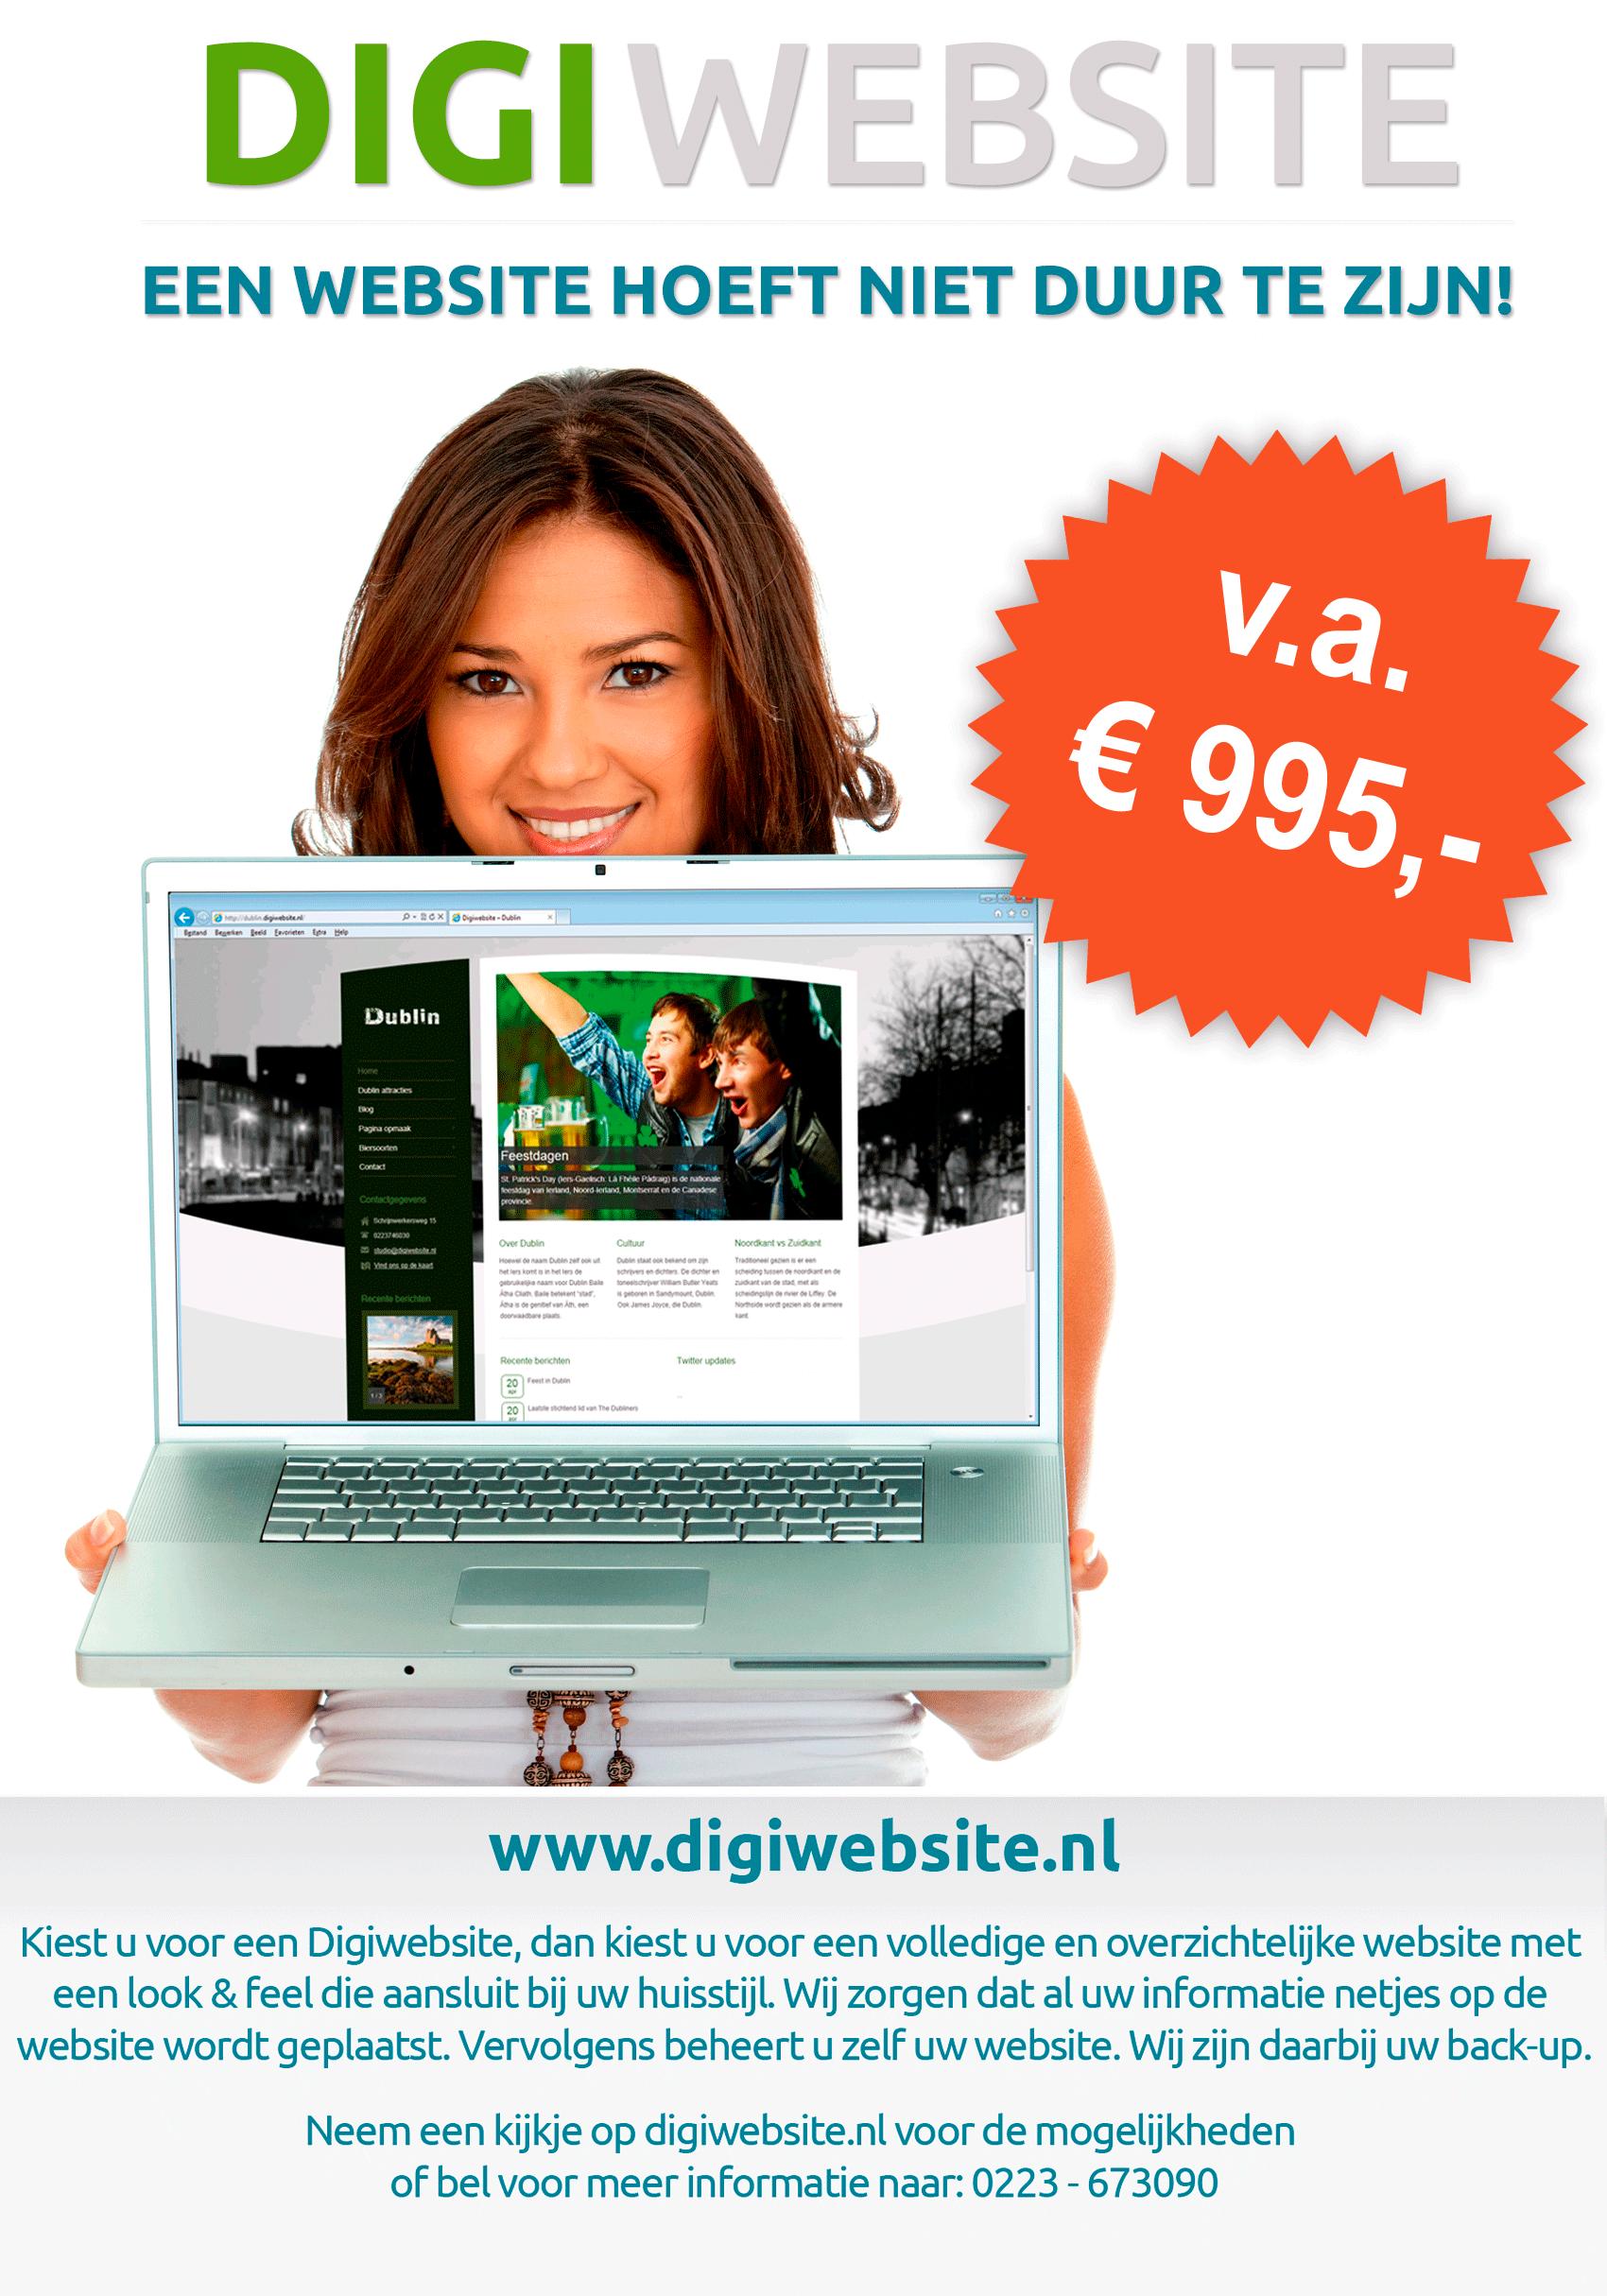 Digiwebsite - Een website hoeft niet duur te zijn.